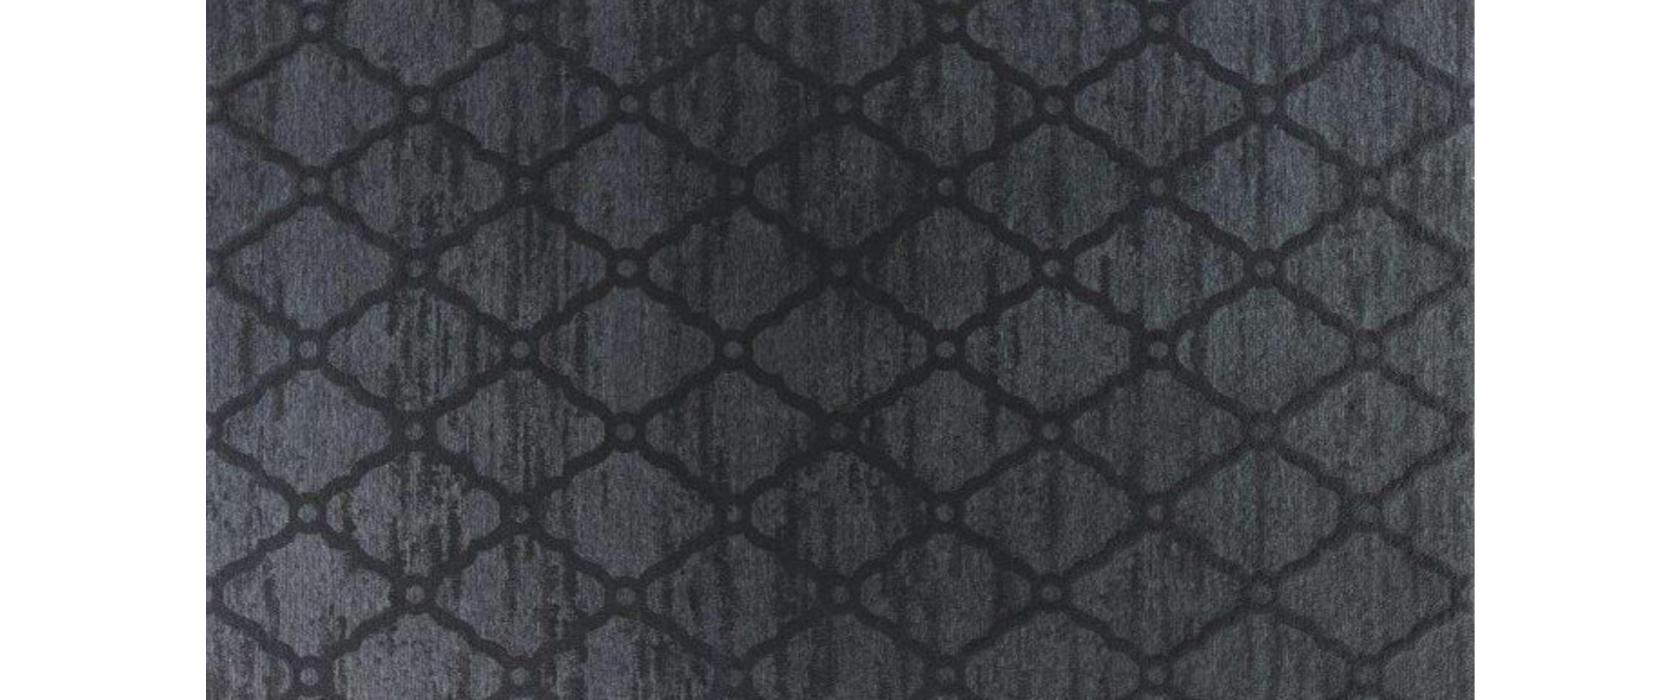 Ковер Venus Prisma 02 160х230 см - Pufetto